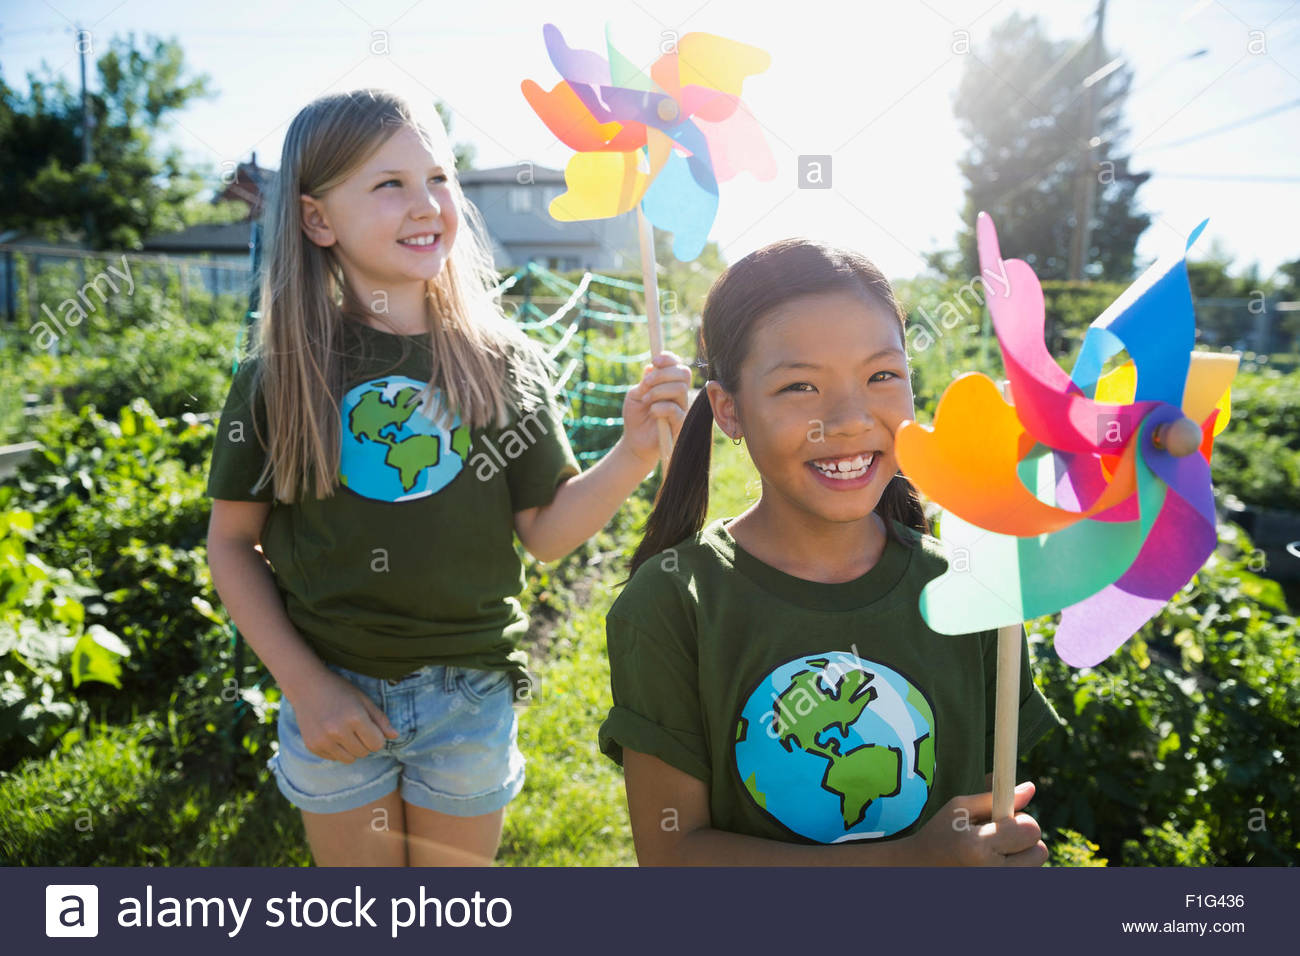 Porträt, lächelndes Mädchen mit Windräder im sonnigen Garten Stockbild